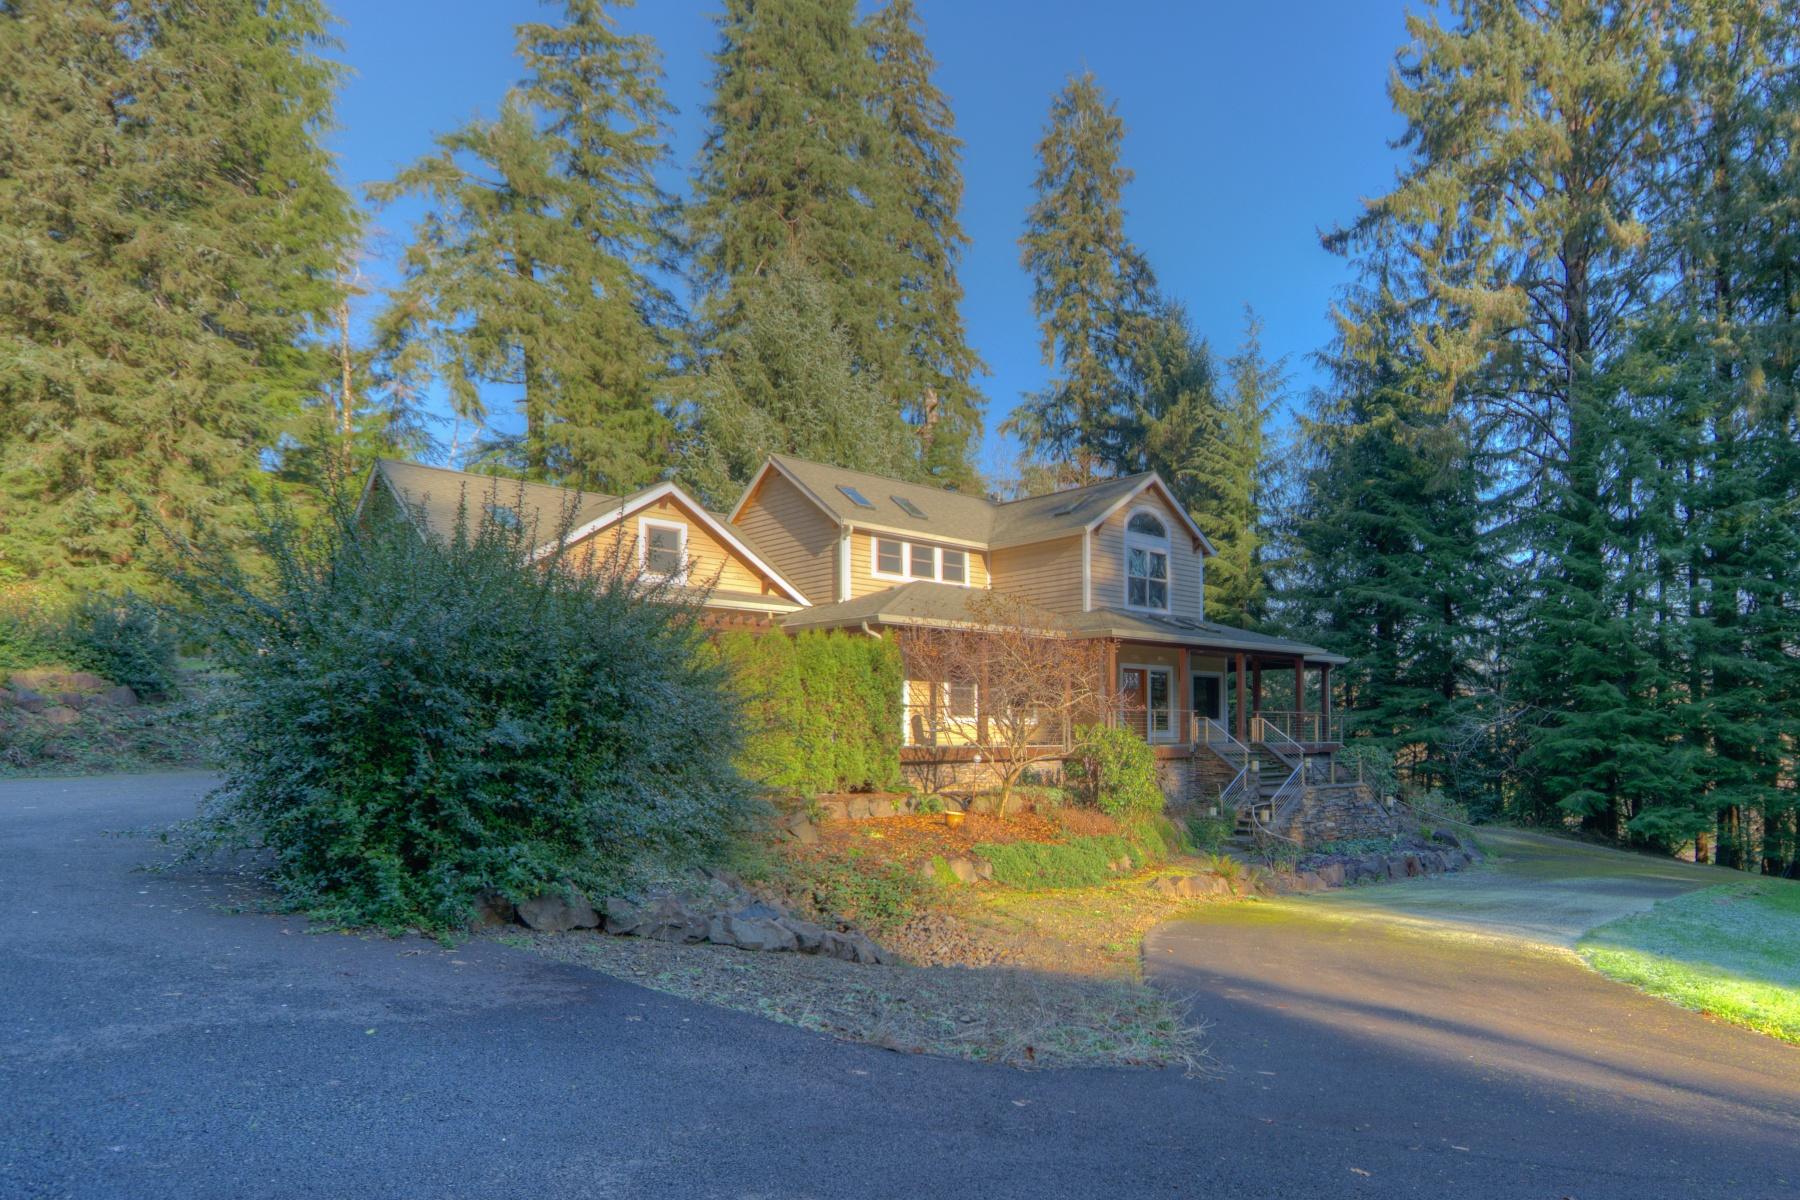 Einfamilienhaus für Verkauf beim 44650 CAROL DR, NEHALEM Nehalem, Oregon, 97131 Vereinigte Staaten